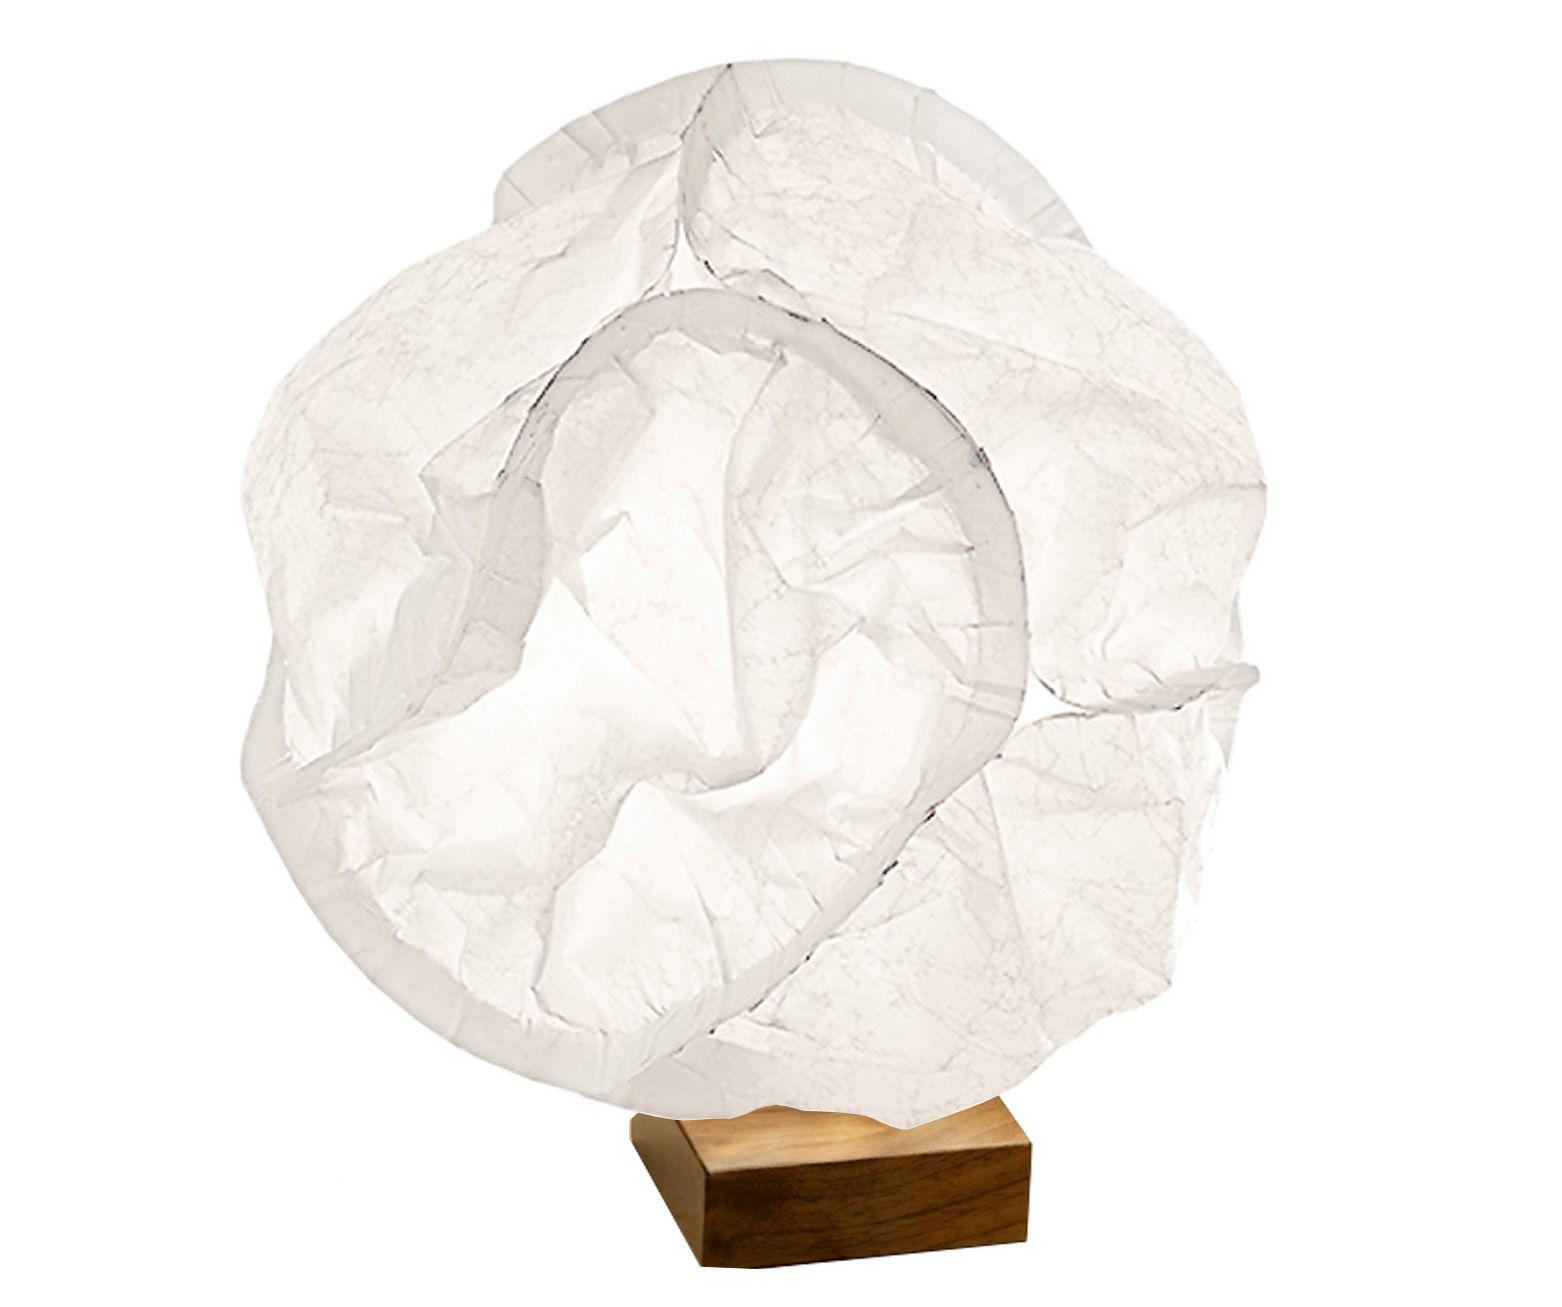 Luminaire - Lampes de table - Lampe de table Babycloud LED / Ø17 cm - Belux - Blanc - Acier chromé, Noyer, Polyester